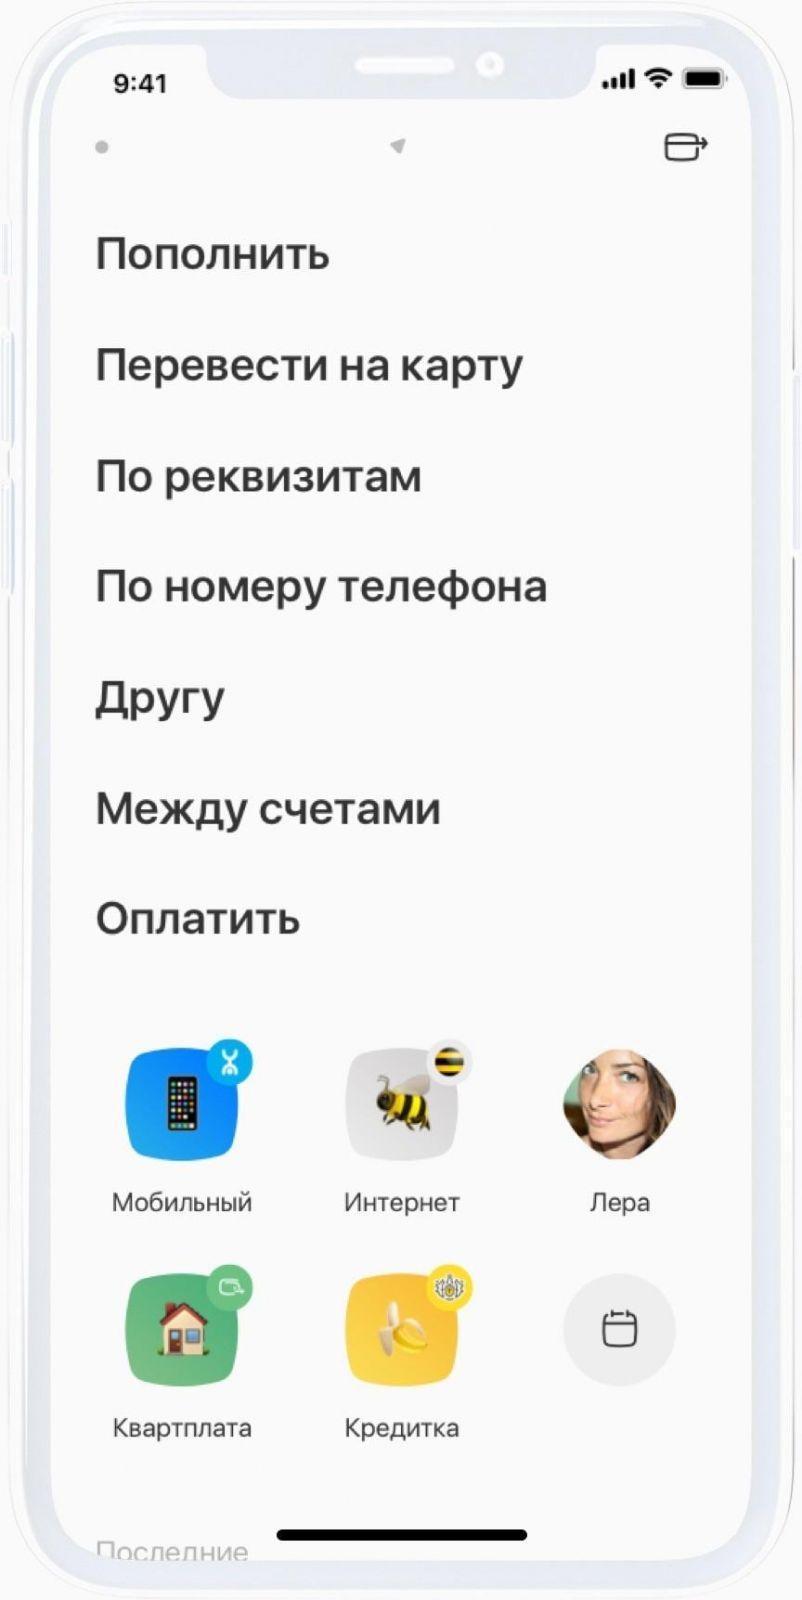 Рокетбанк запускает новое приложение для iOS, которое напомнит об оплате счетов (3 4a7682fe6ef56aca0e46005623c79370)